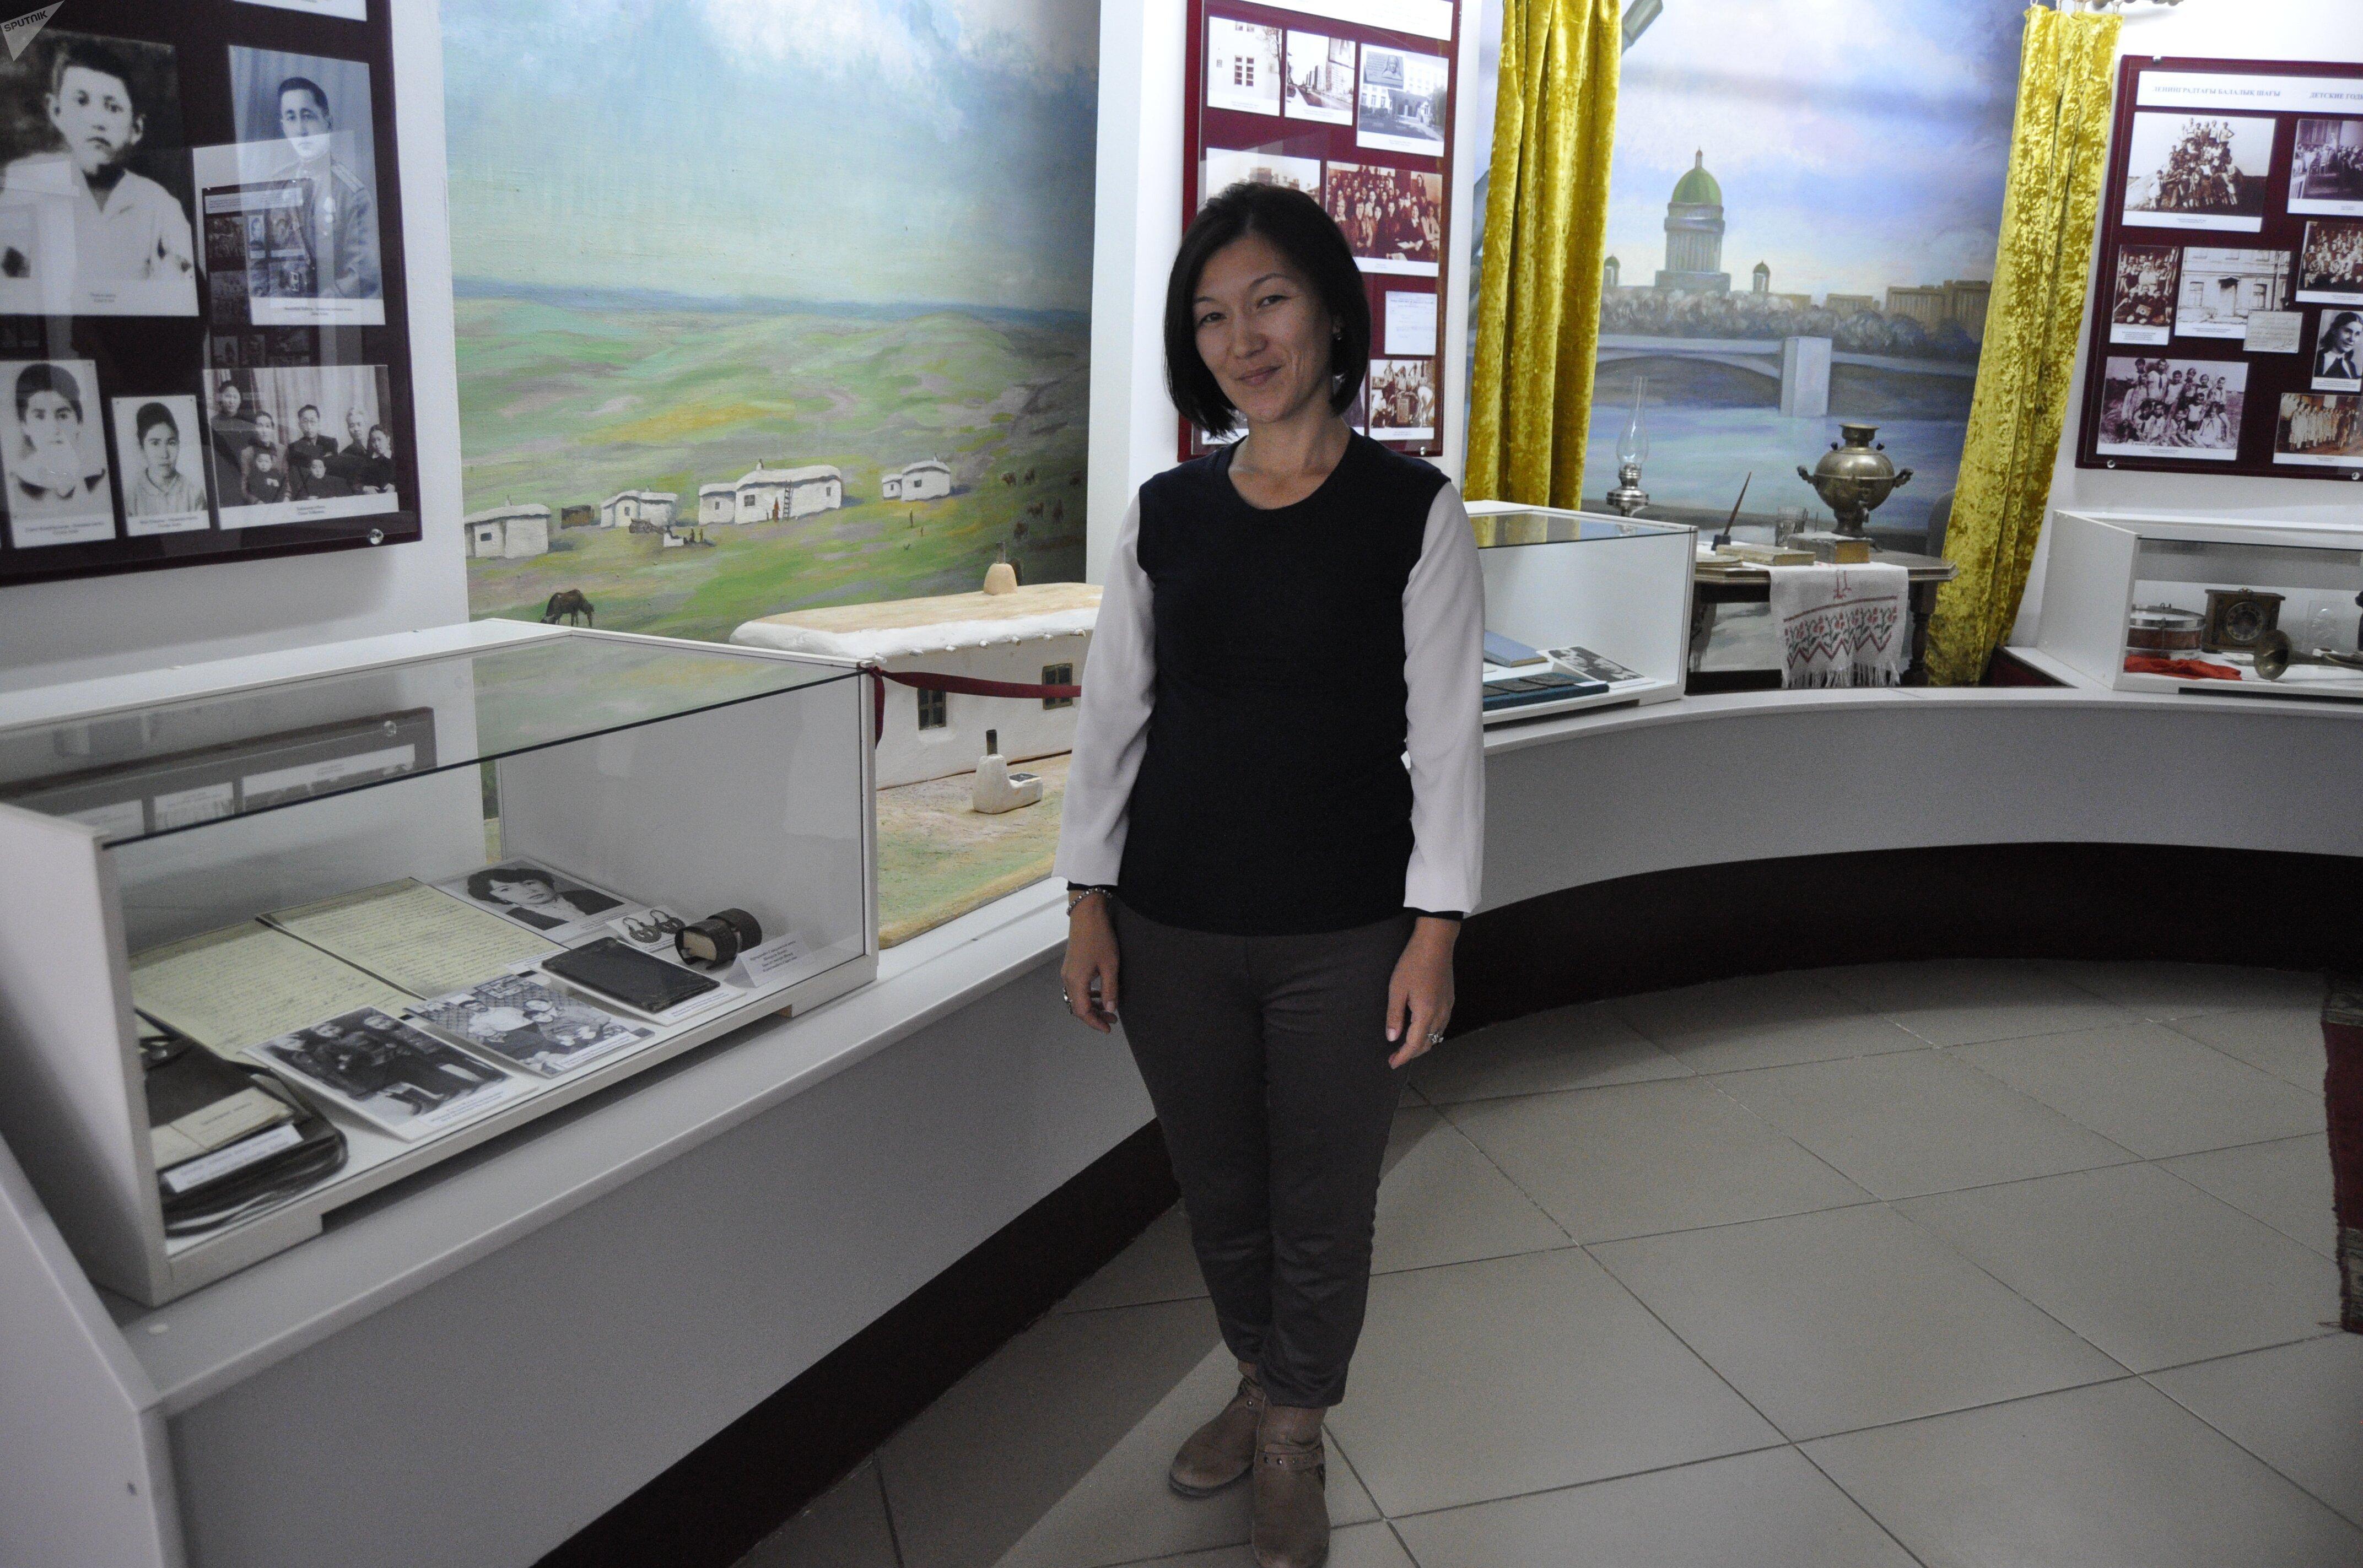 заведующая экскурсионным отделом  музея Алия Агниязова